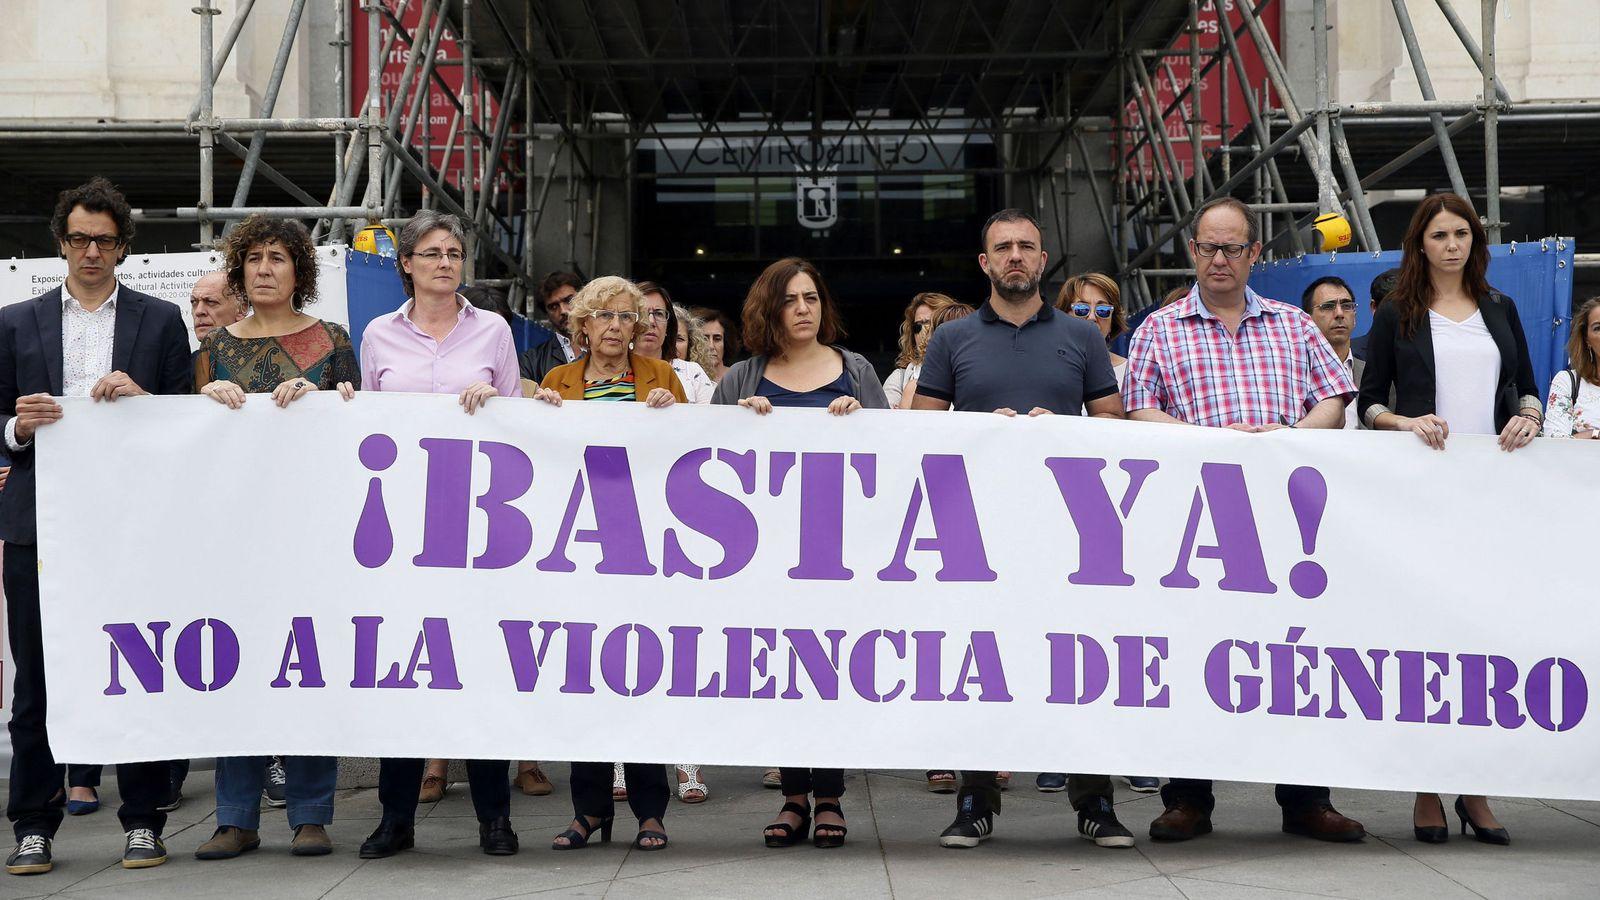 Foto: La alcaldesa de Madrid, Manuela Carmena (4i), sostiene una pancarta contra la violencia de género. (EFE)